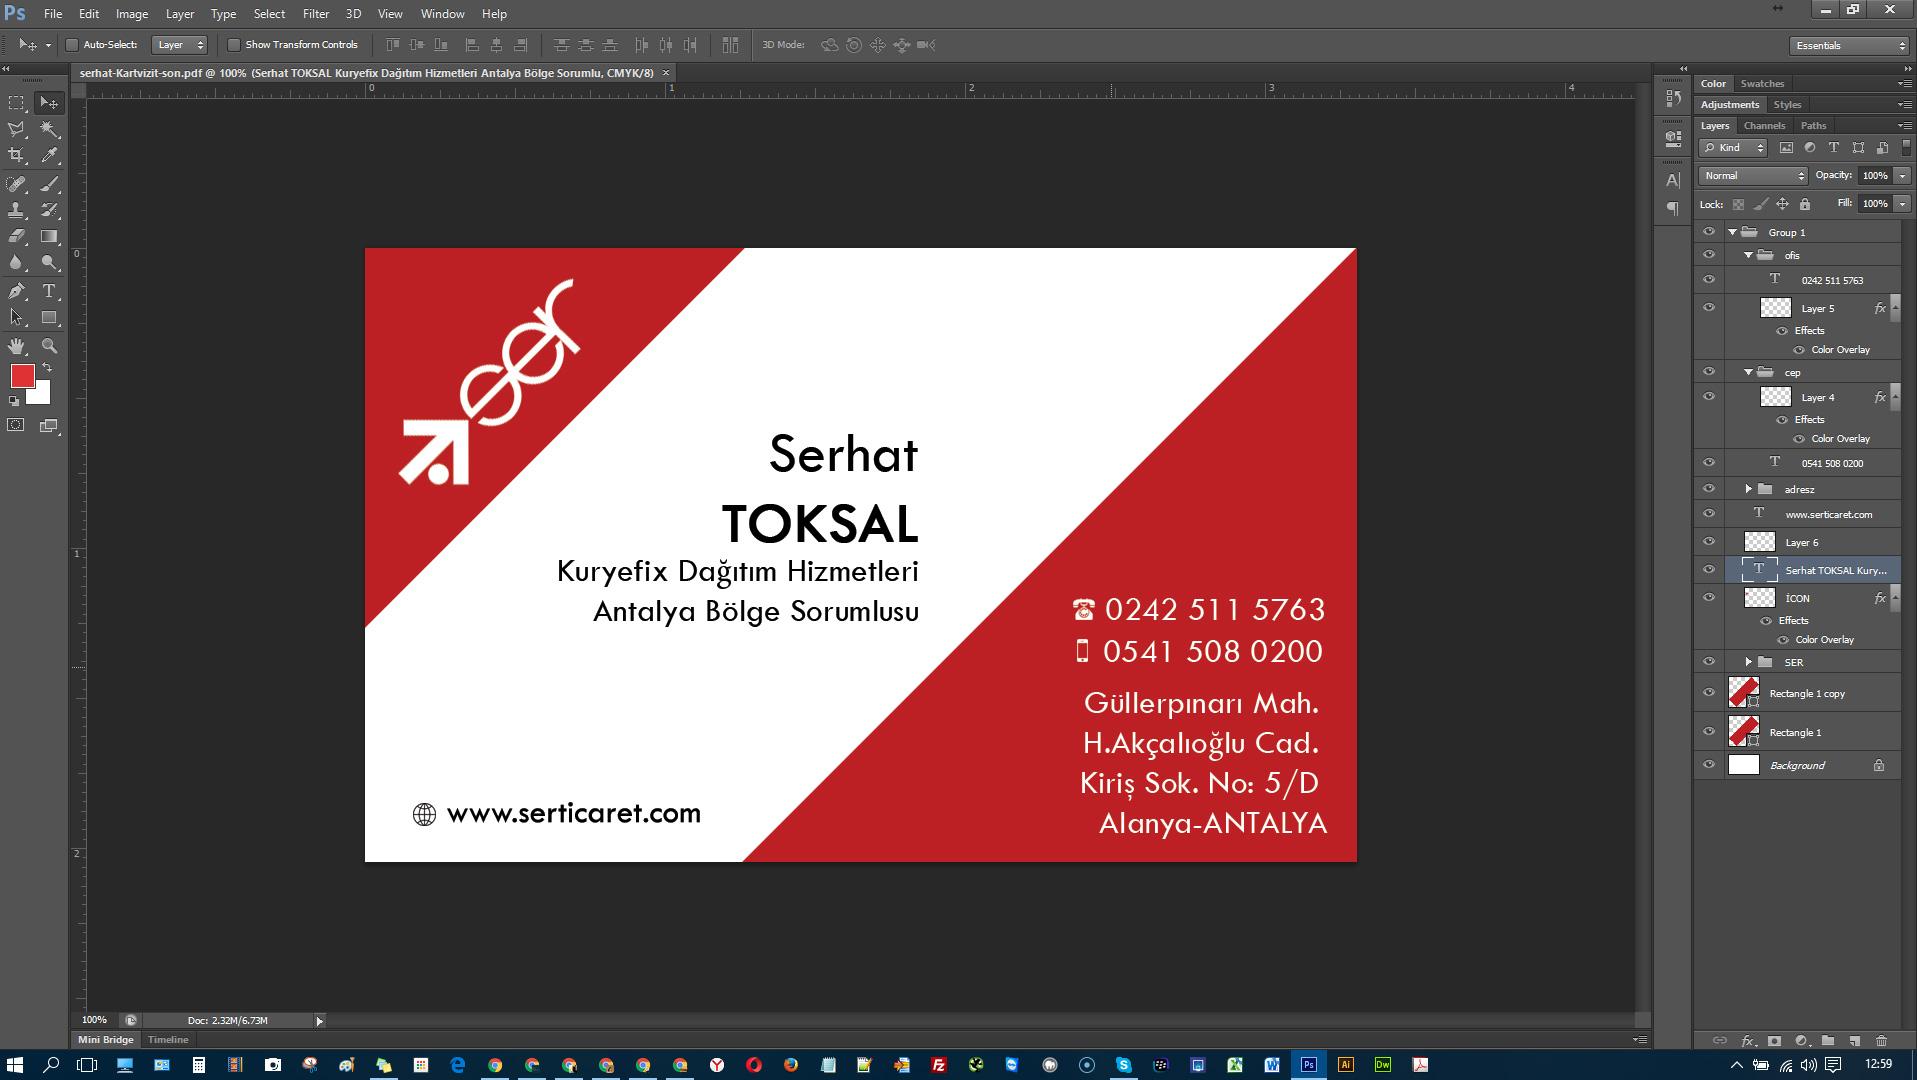 business card (vCard) .jpg